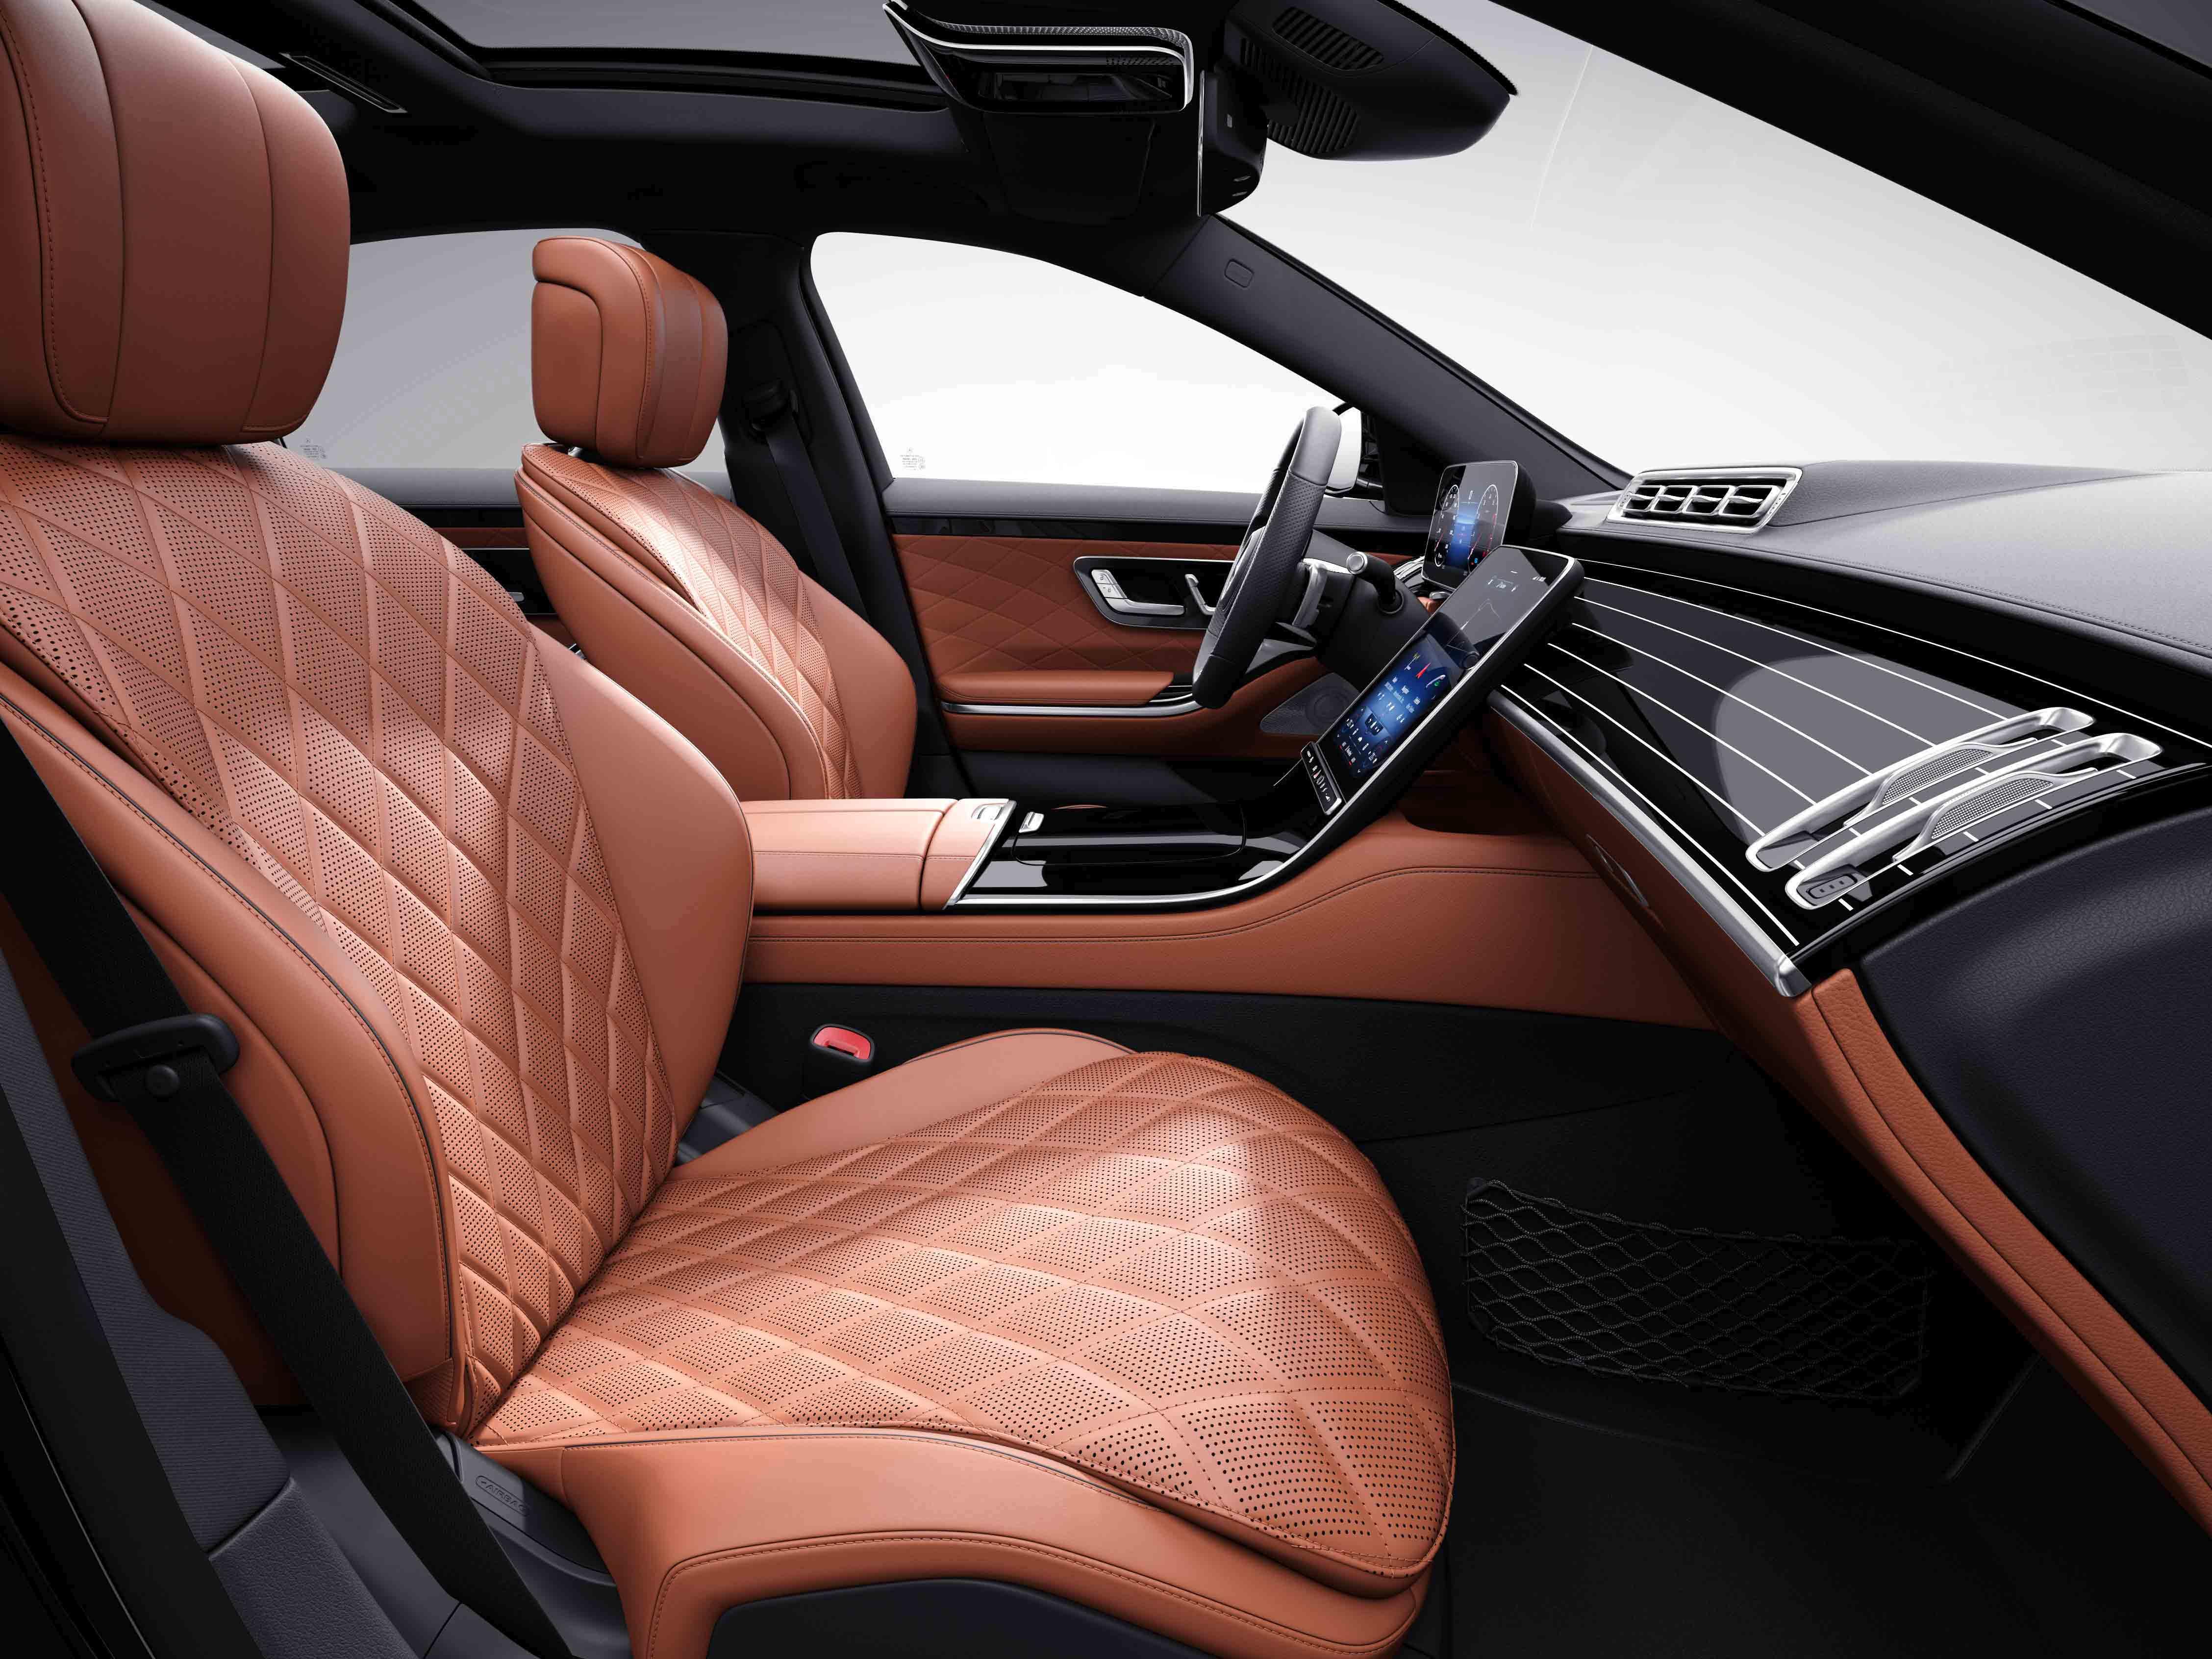 Habitacle de la Mercedes Classe S Limousine avec une sellerie cuir nappa - beige soie marron expresso